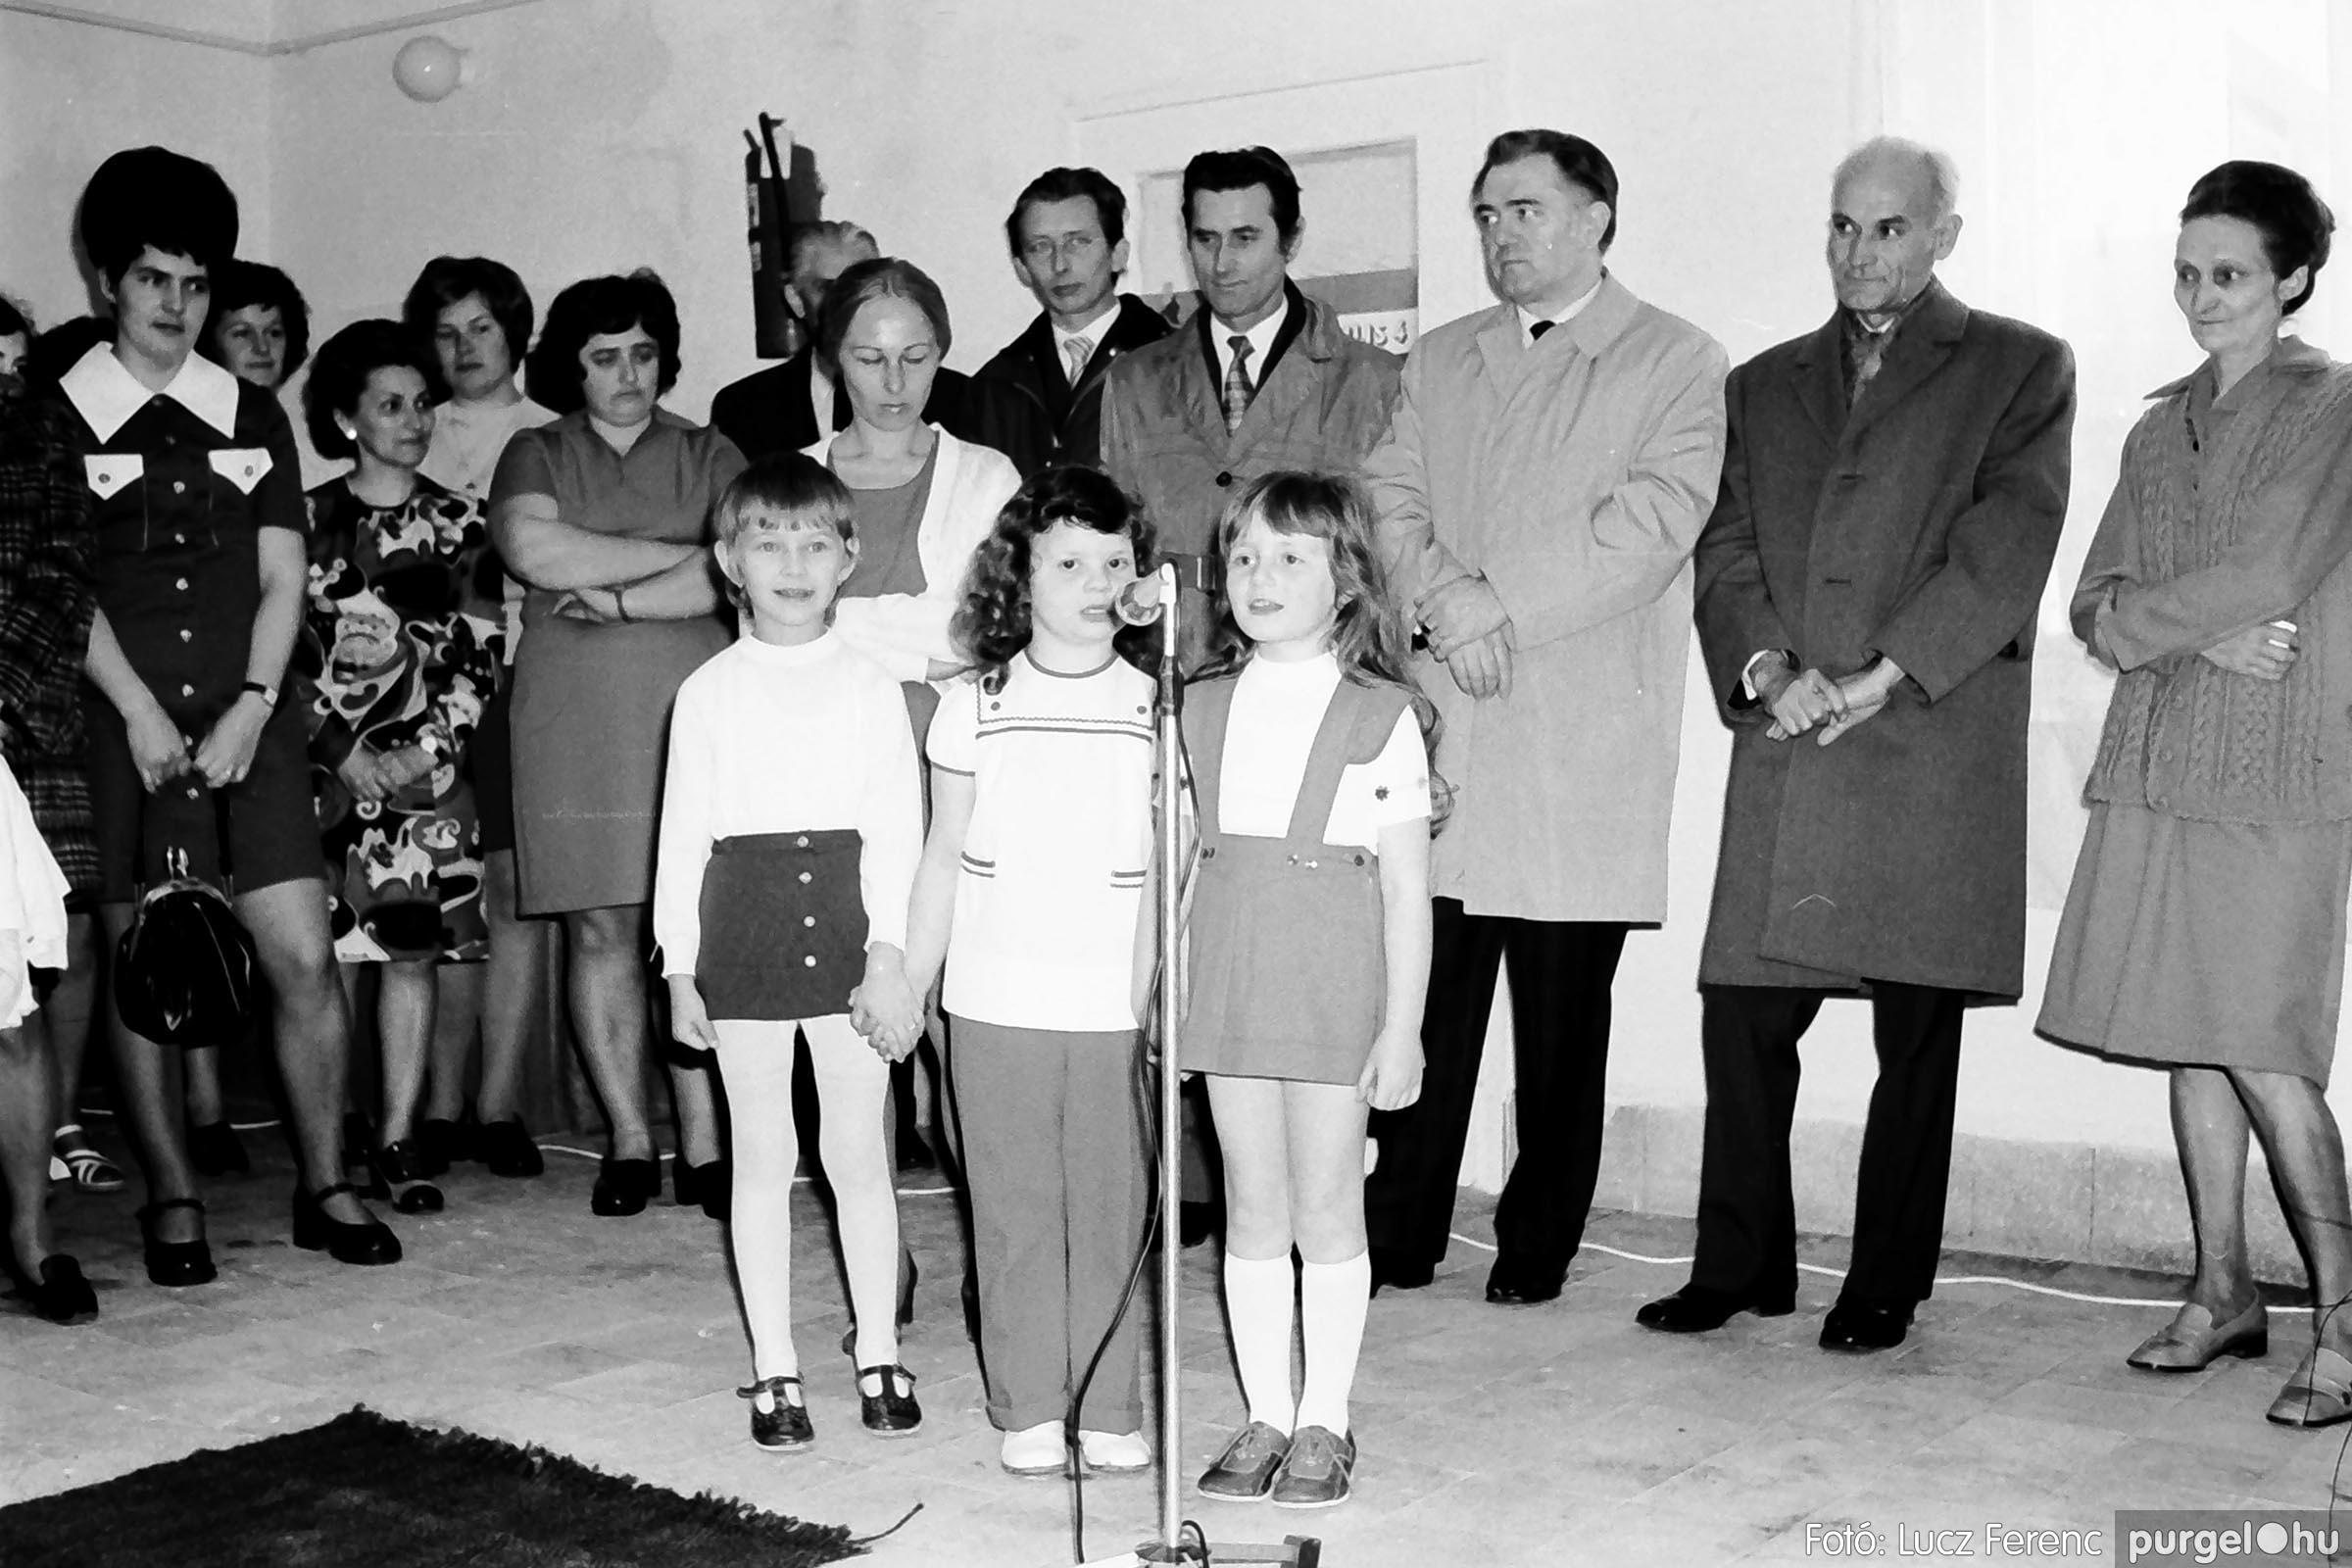 009 1975.04. Óvoda bővítés utáni átadási ünnepség 004 - Fotó: Lucz Ferenc IMG00159q.jpg